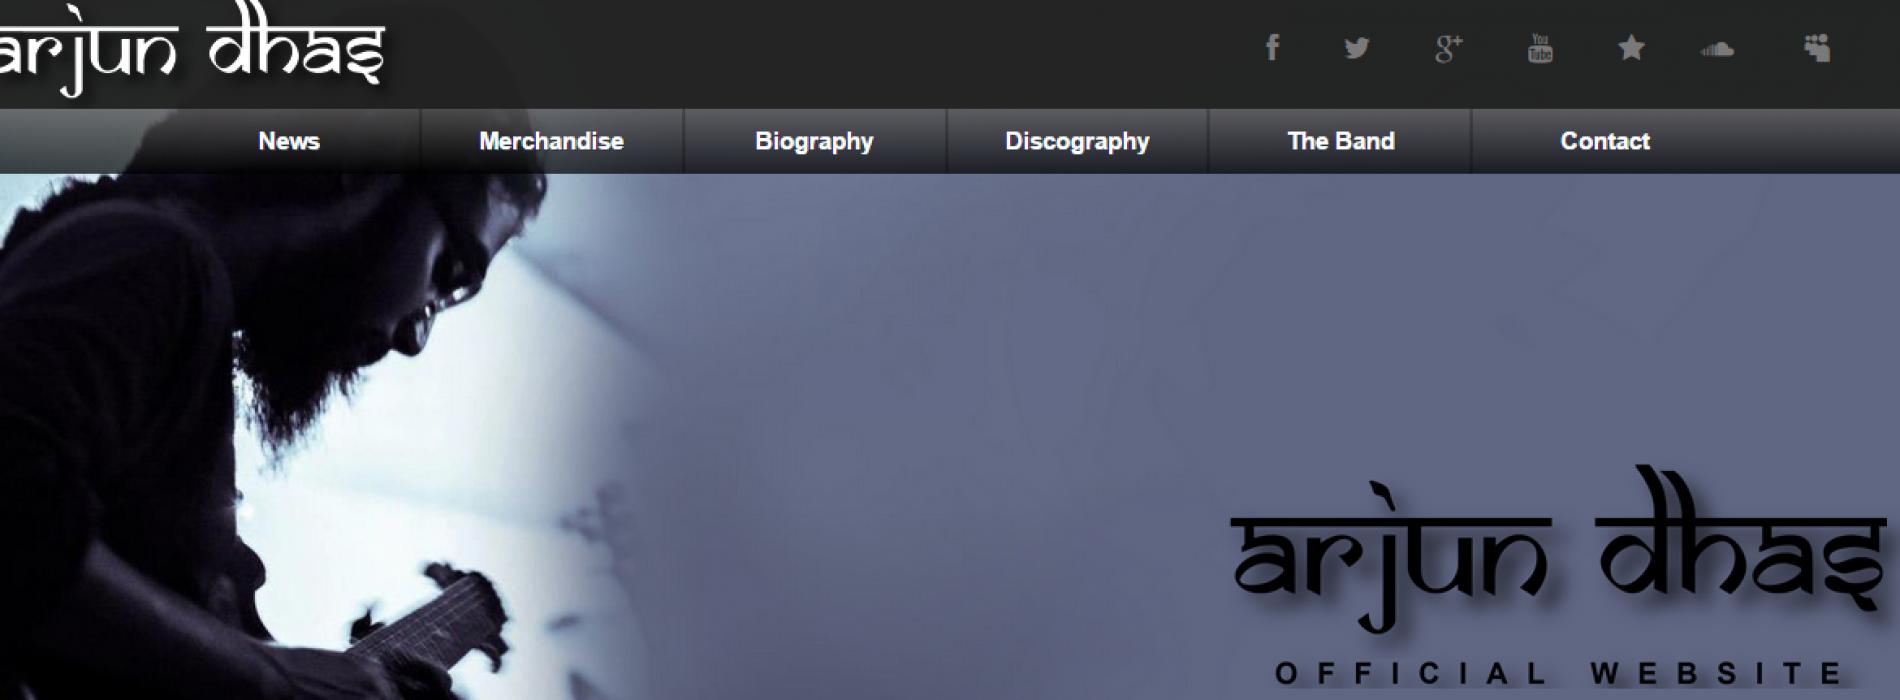 Arjun Dhas Has A Website